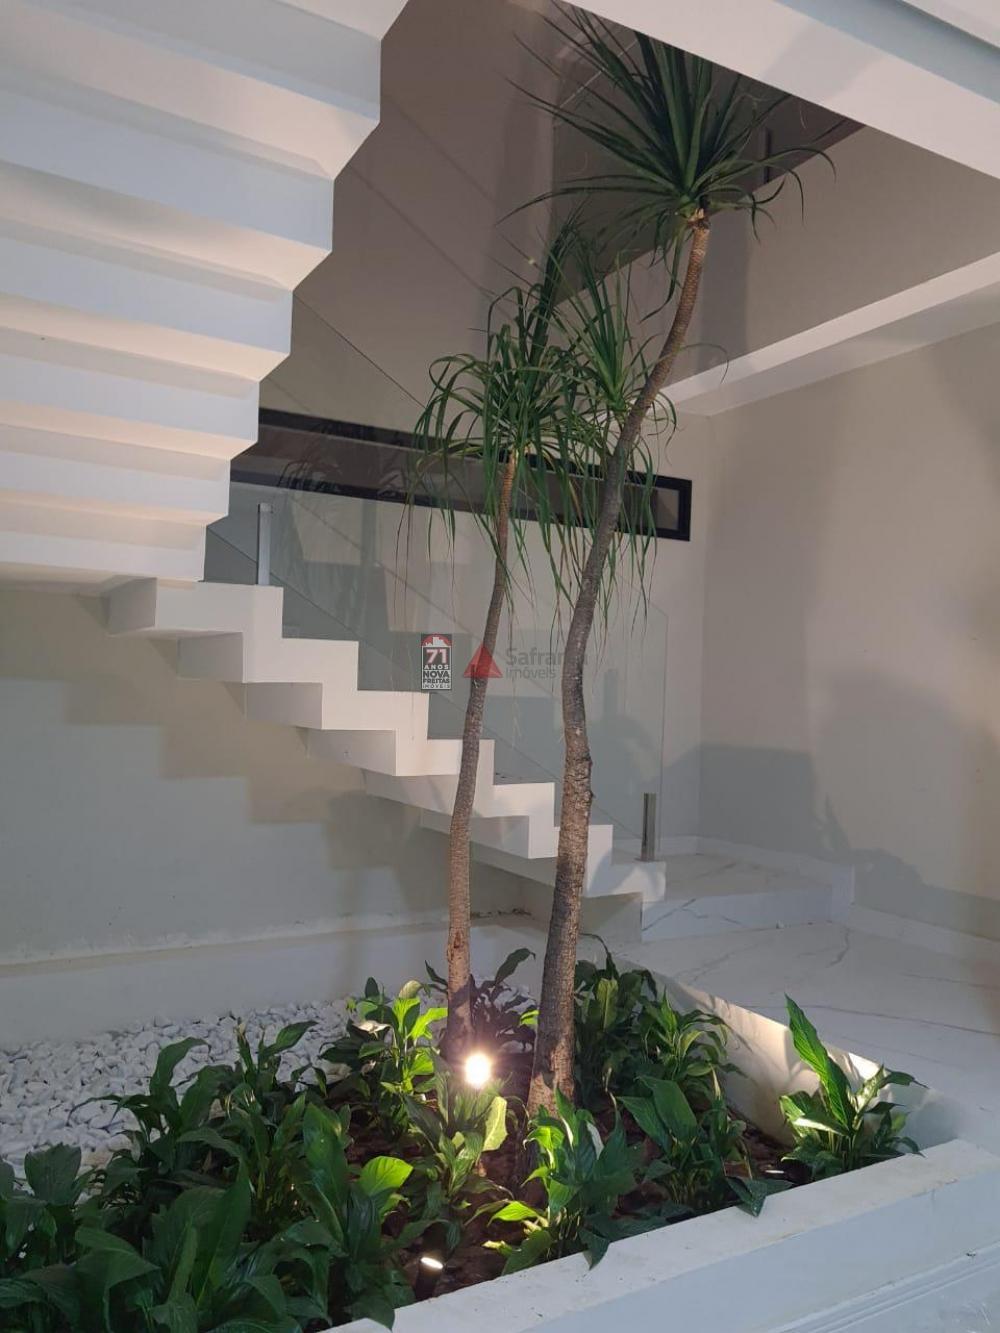 Comprar Casa / Sobrado em Condomínio em São José dos Campos apenas R$ 3.000.000,00 - Foto 14